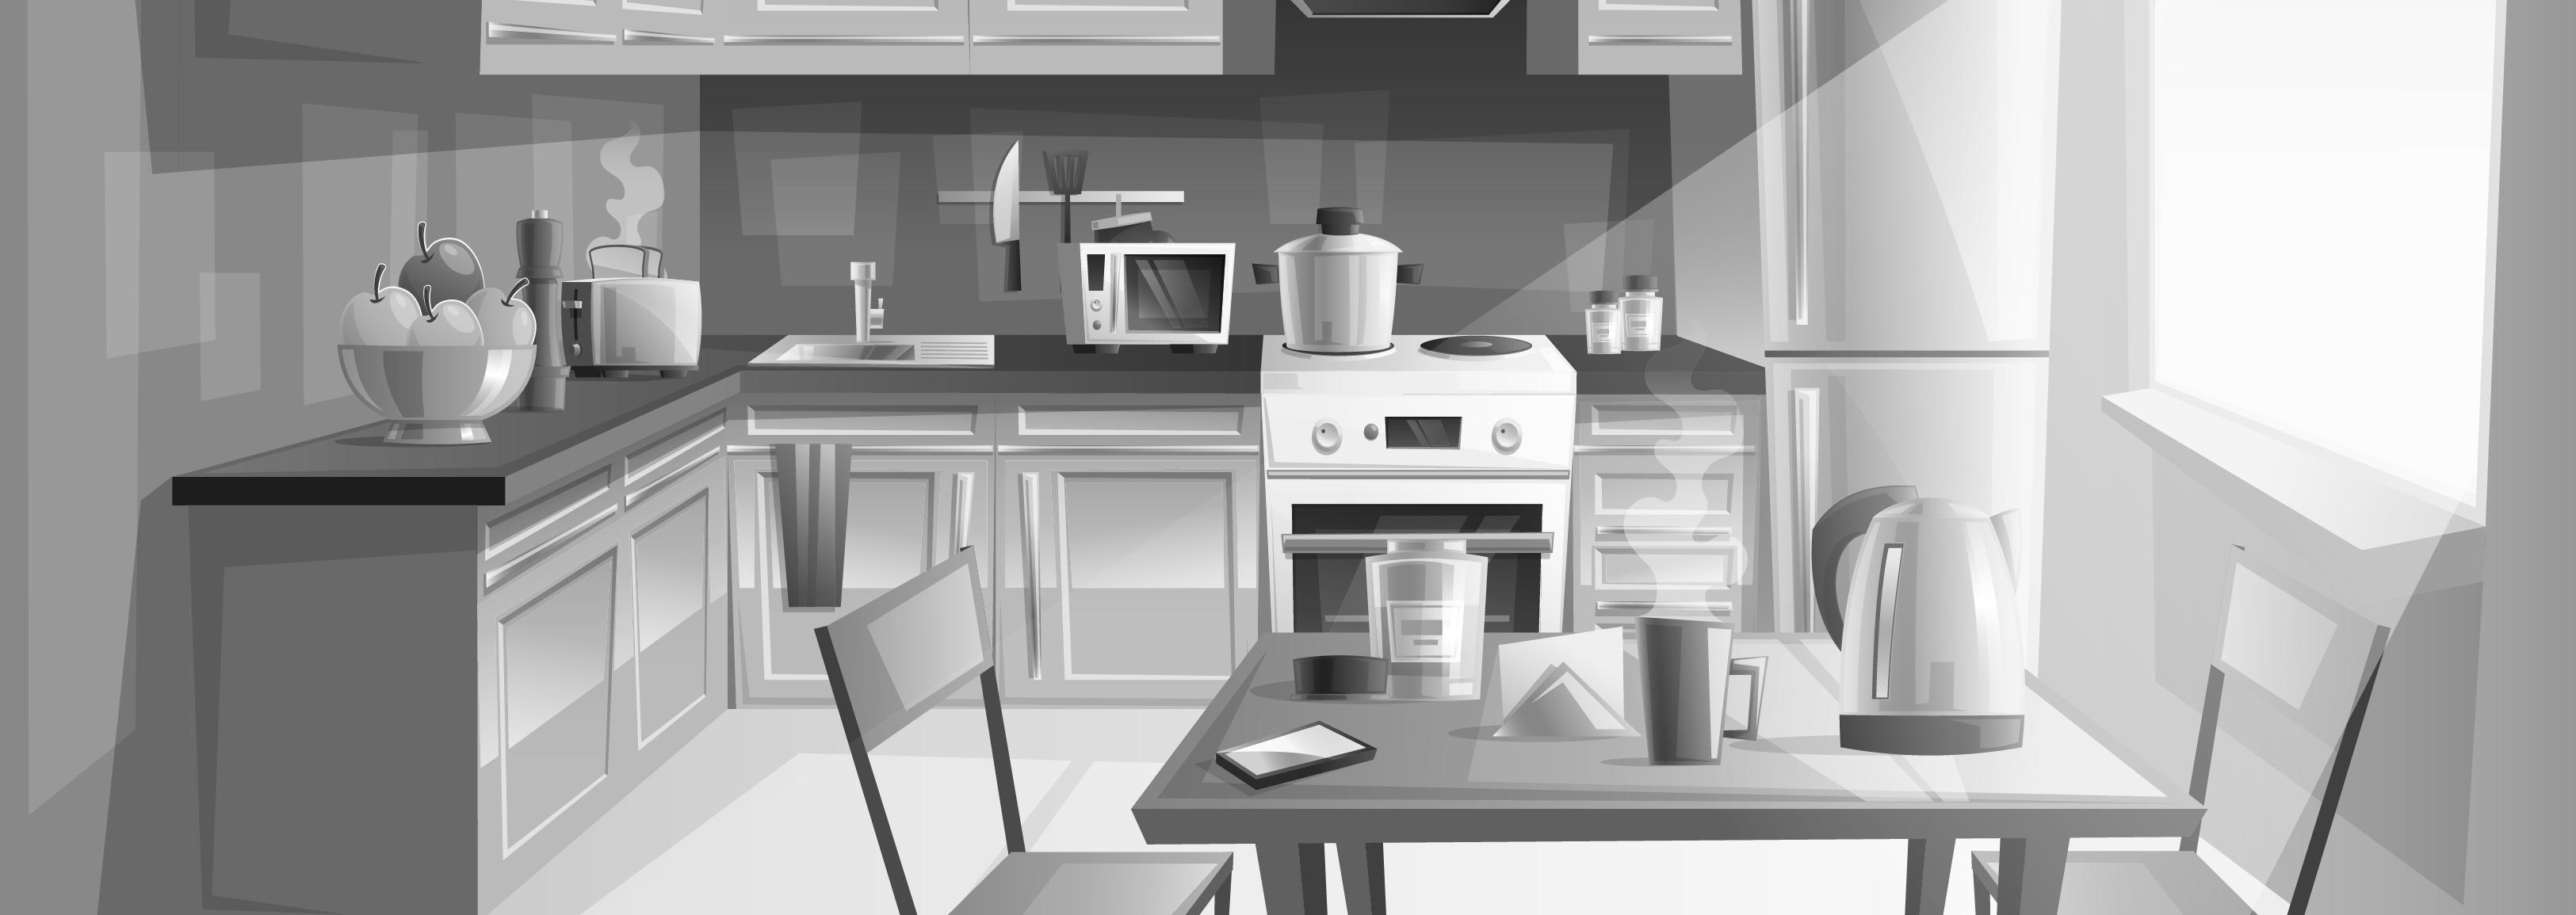 Lapsille -sivun taustakuva jossa näkyy piirretty keittiö